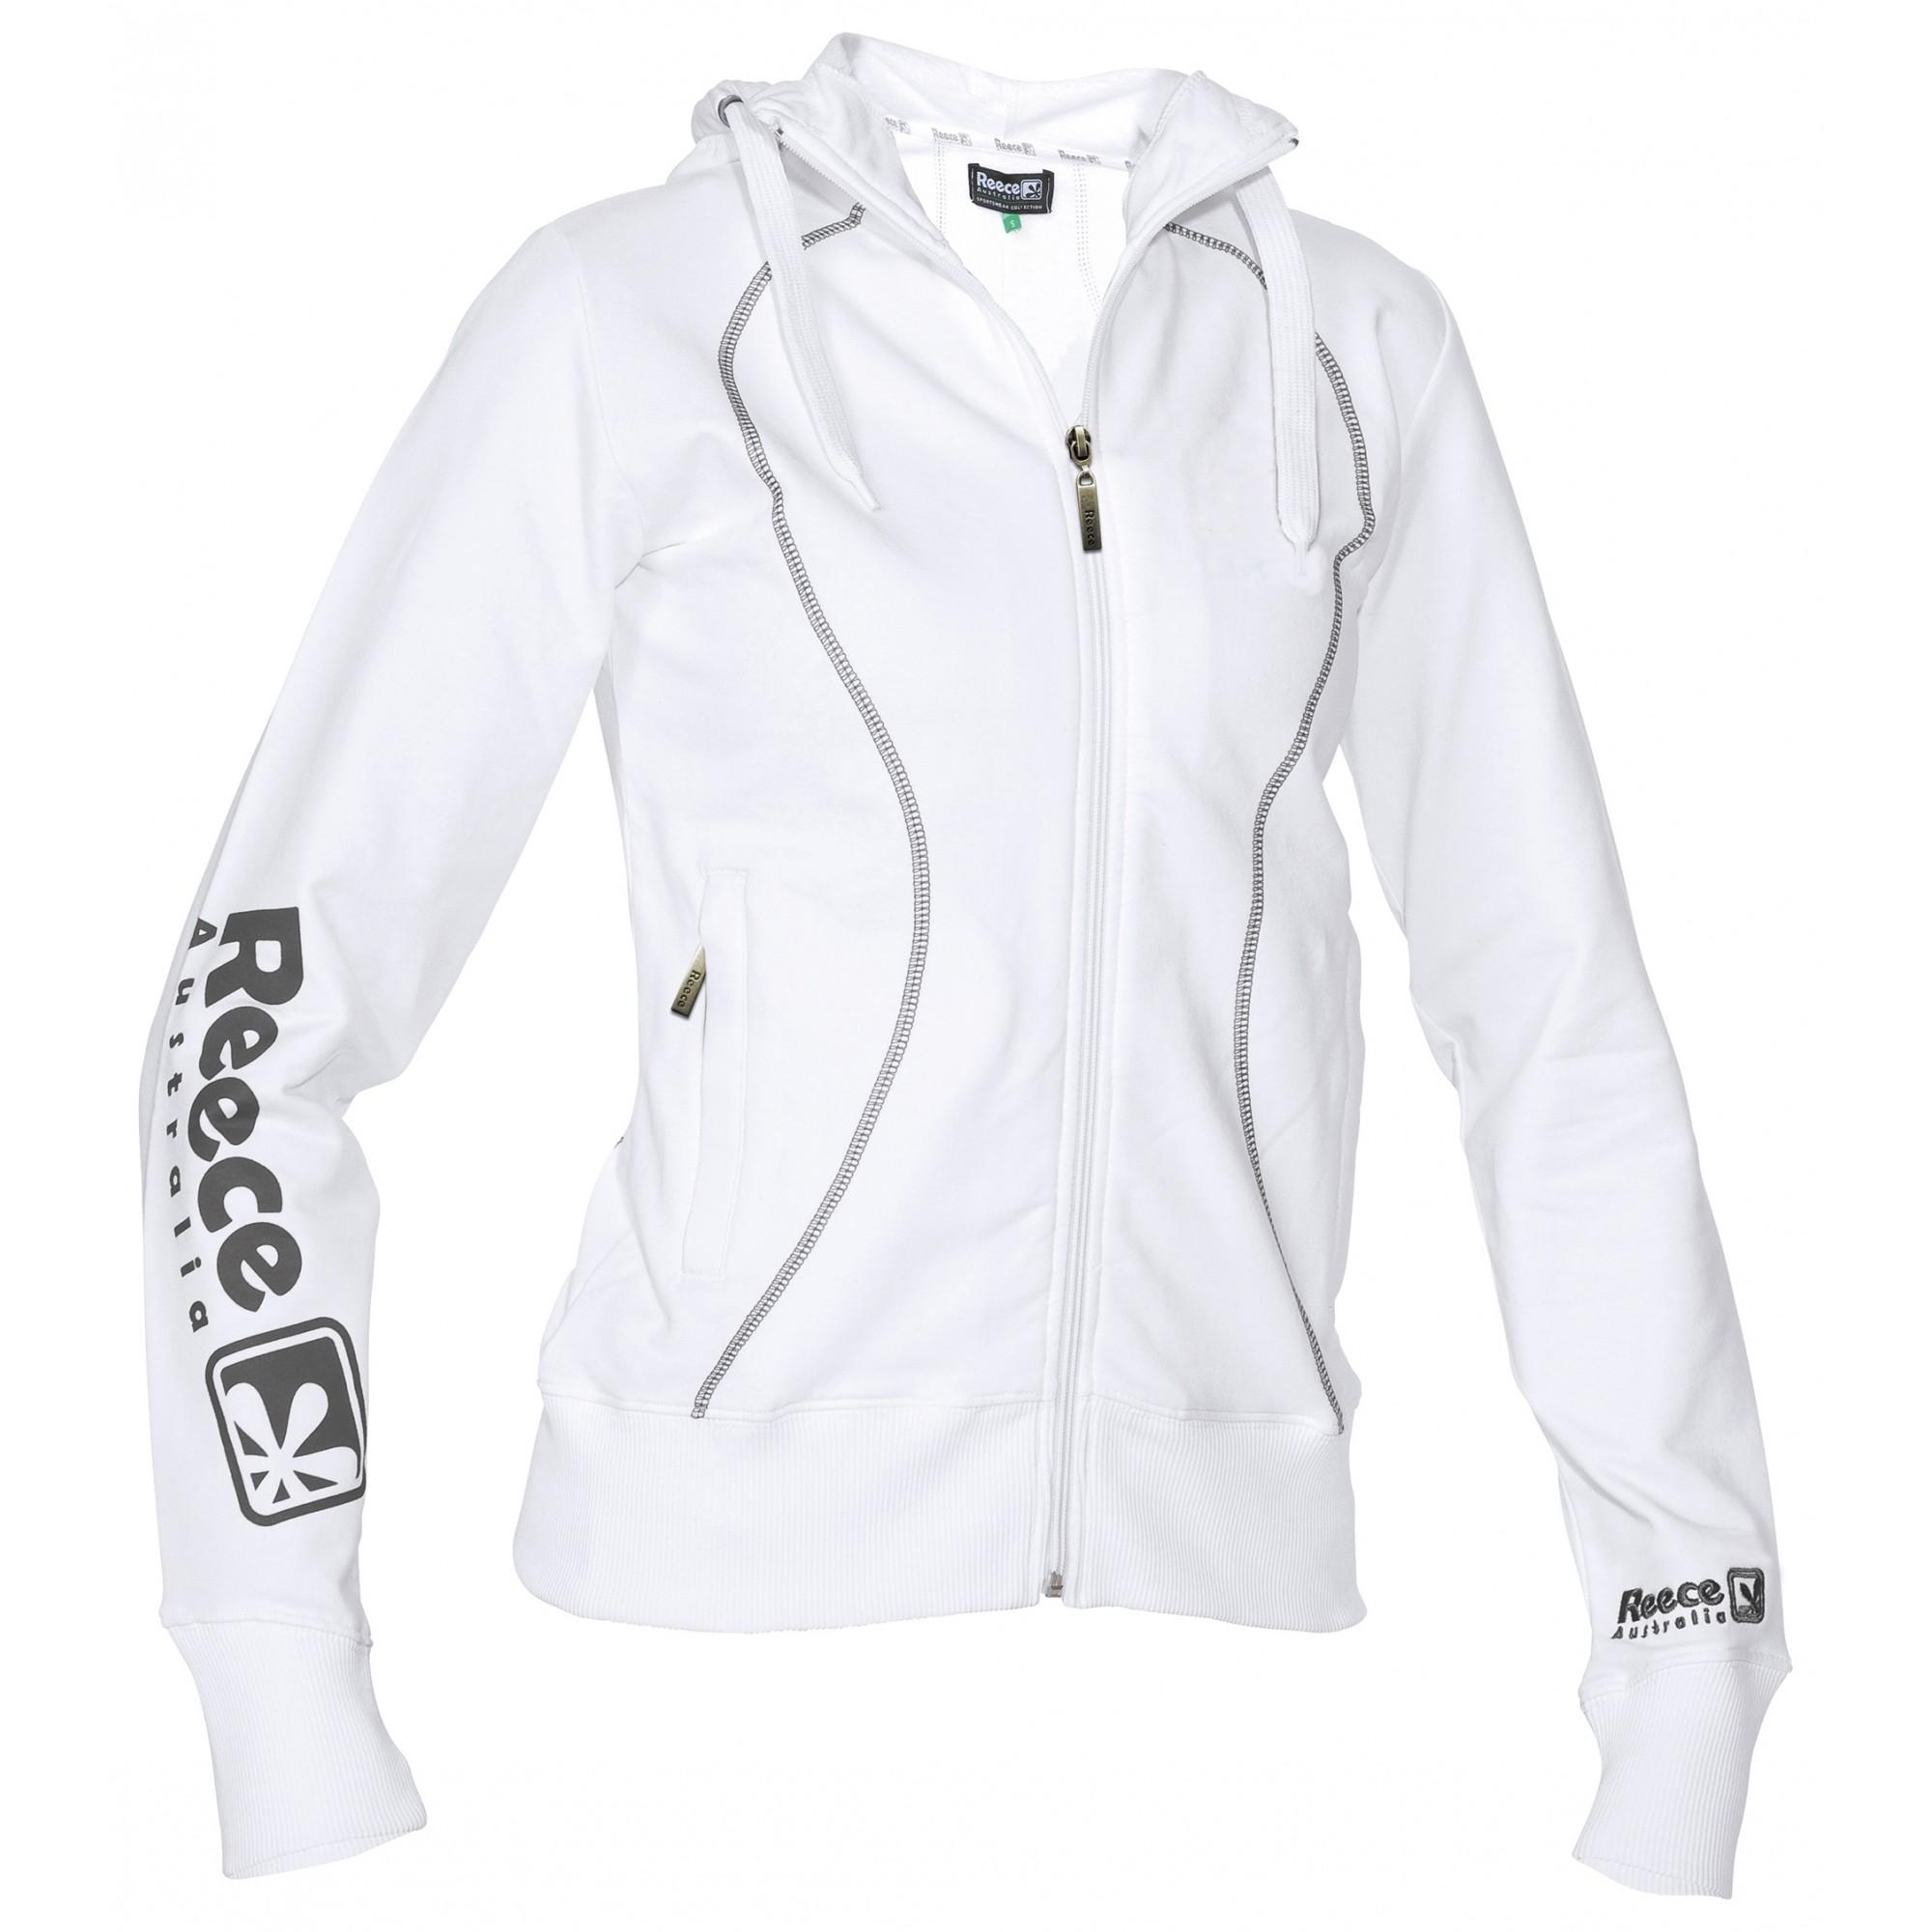 Reece Hooded Sweat Full Zip ladies Wit SR - Online bestellen